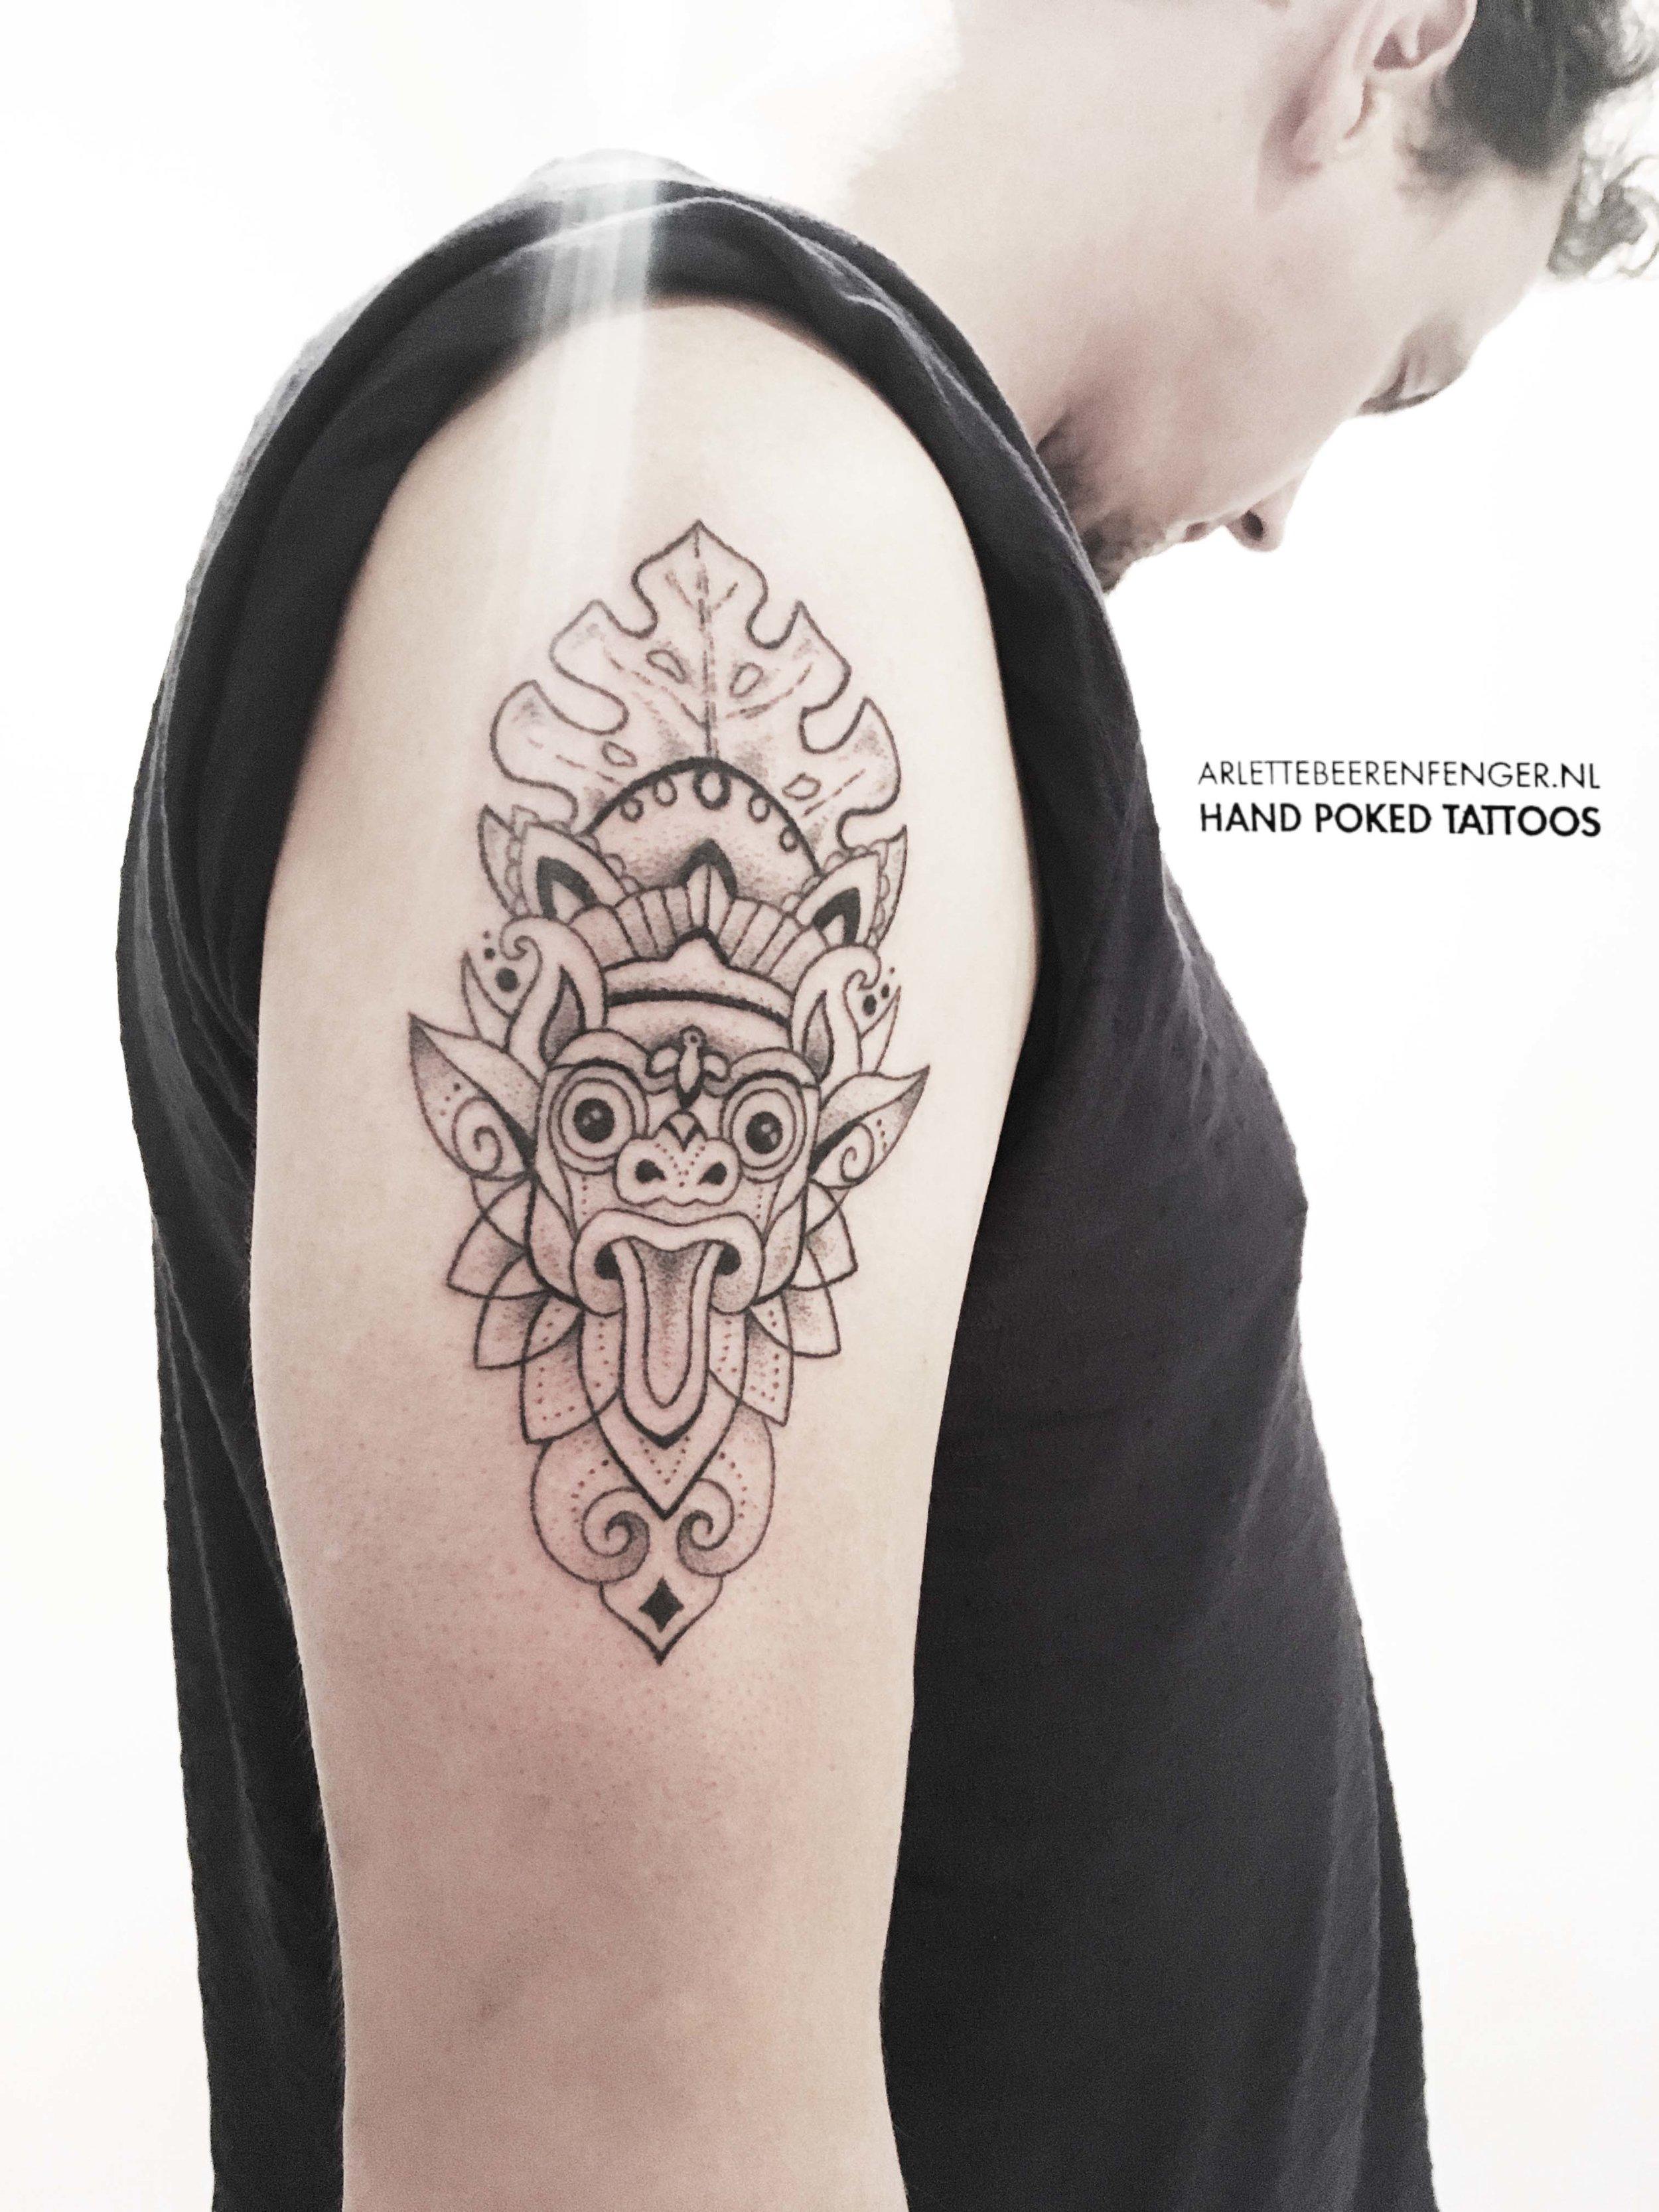 Tattoo Arlette Beerenfenger